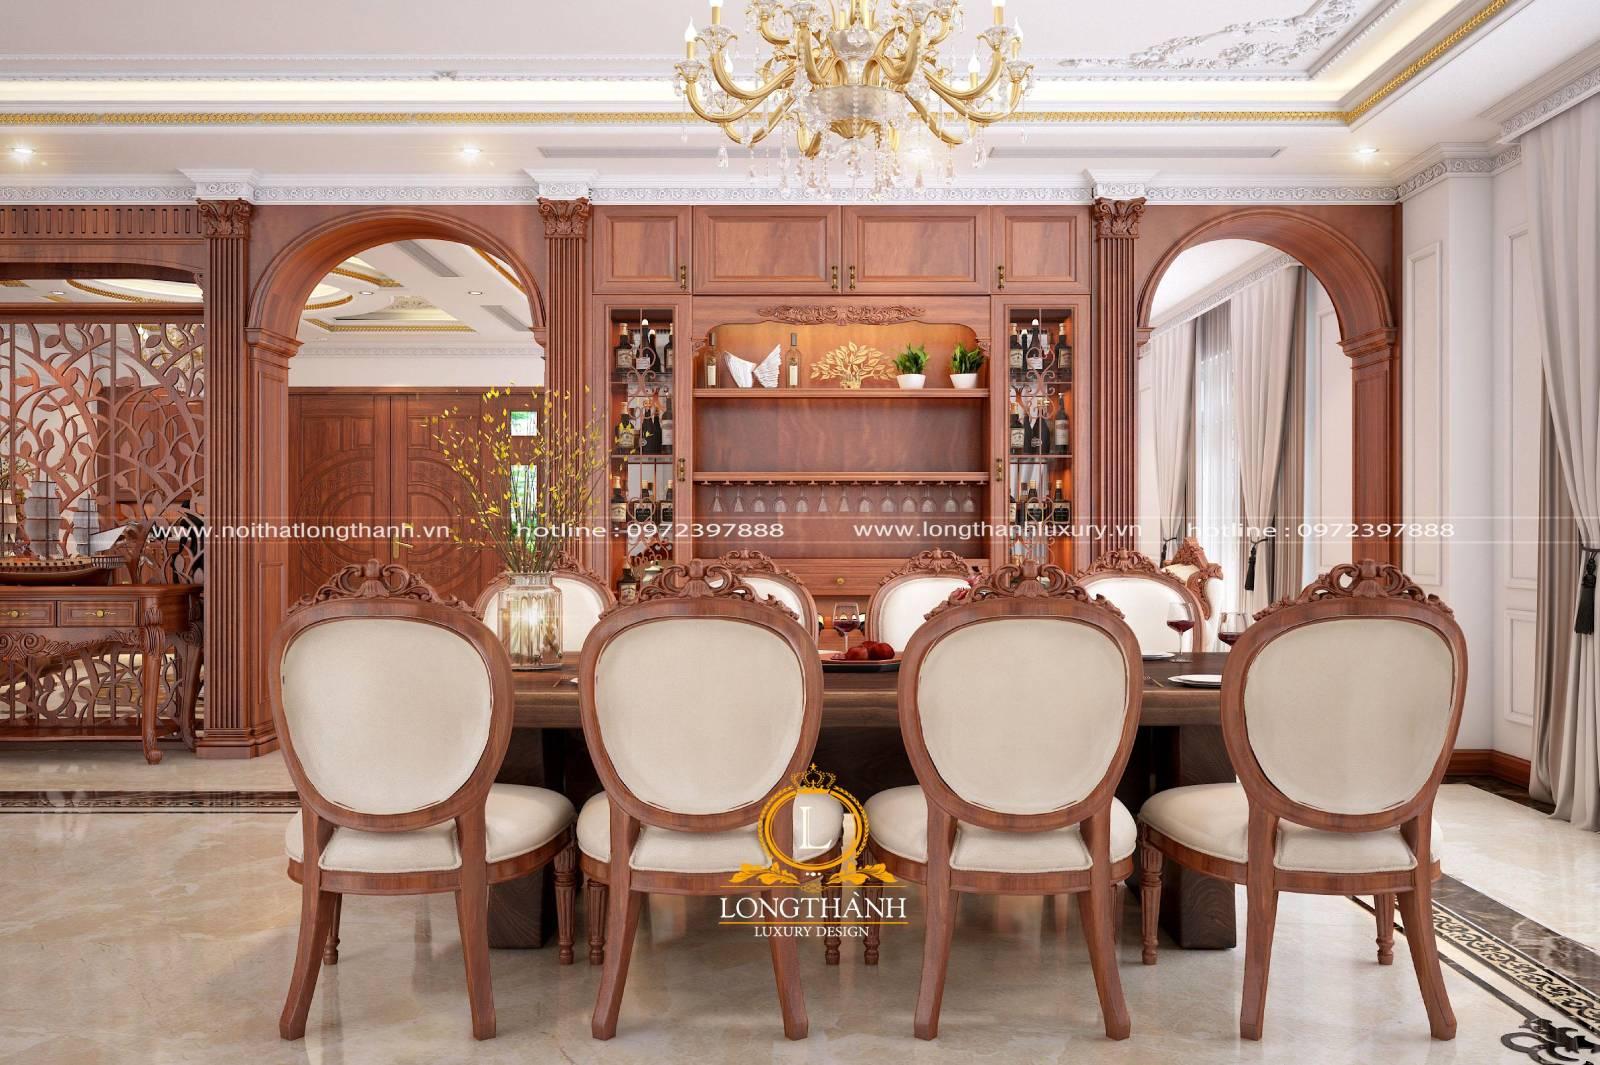 Mẫu bàn ăn 8 ghế sang trọng phù hợp cho không gian phòng ăn rộng